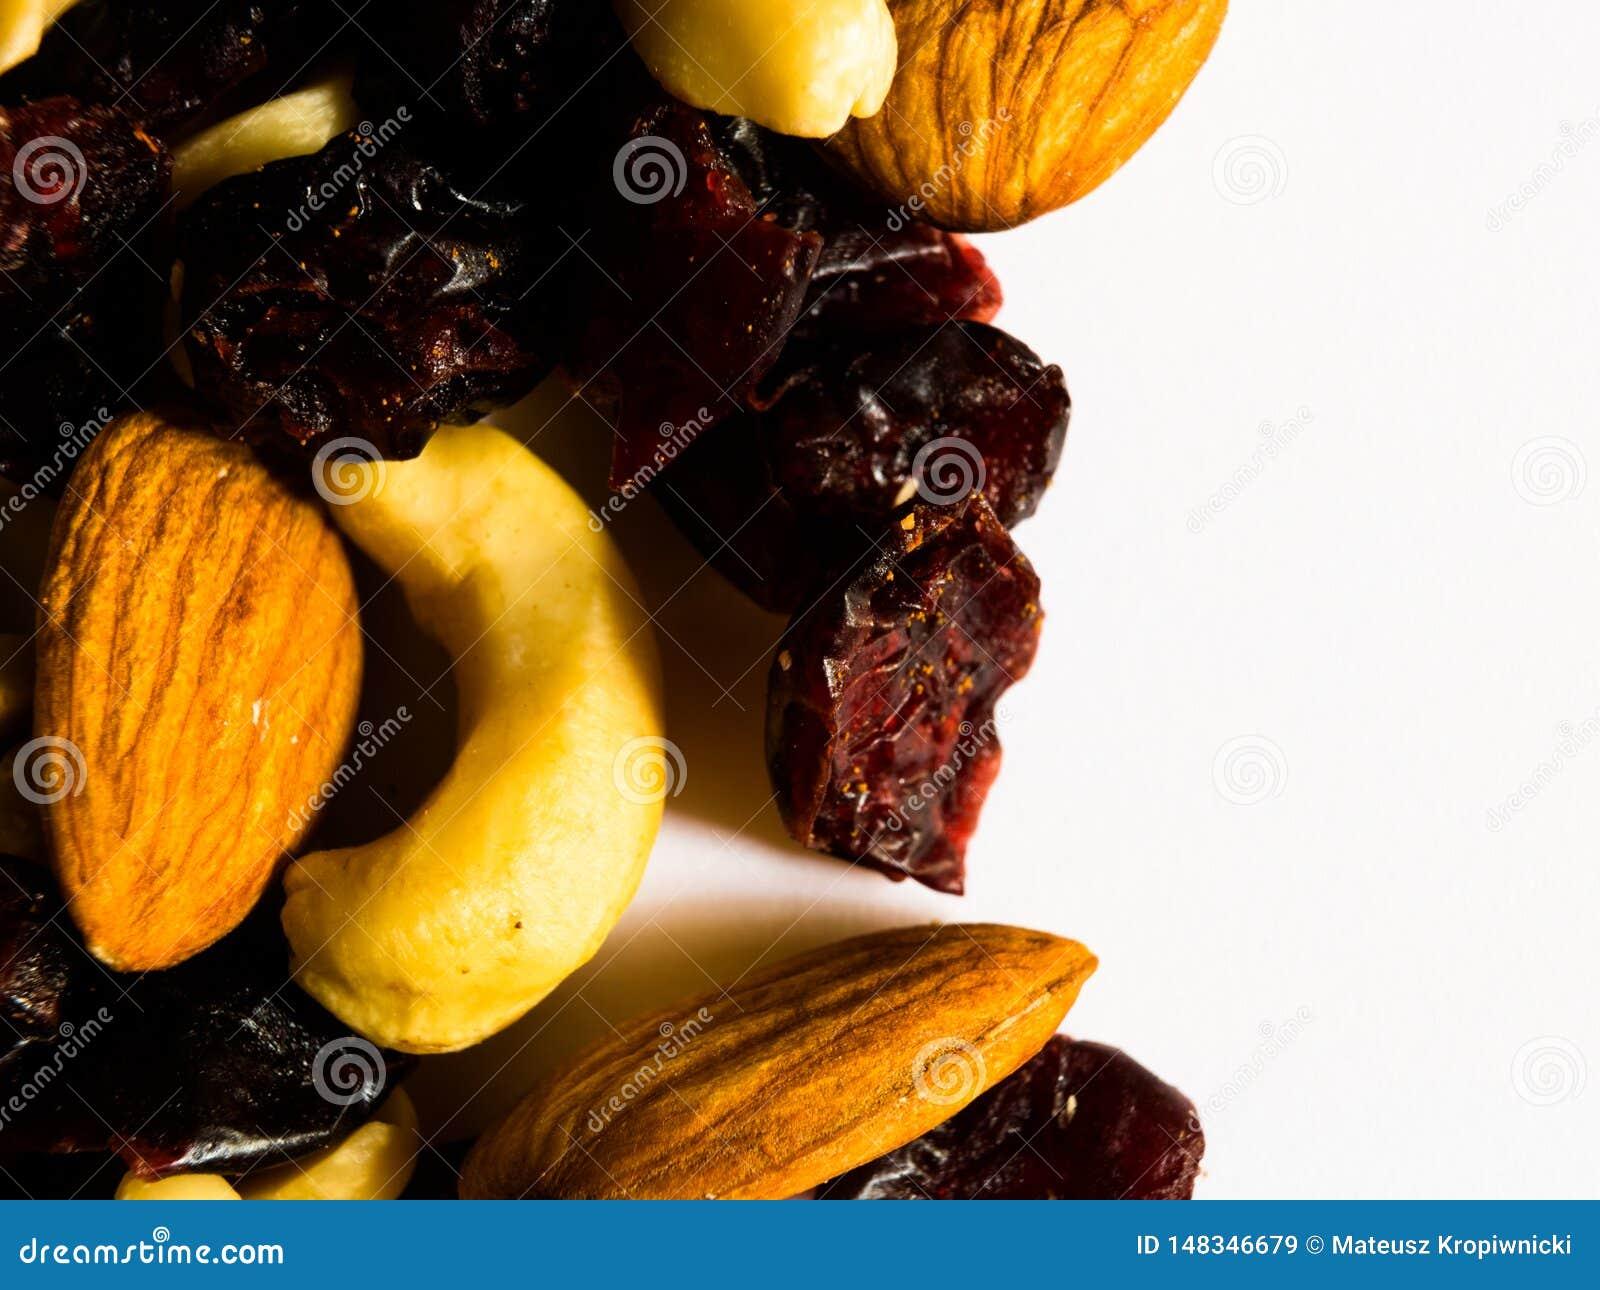 Makroschuß von Mandeln, von Erdnüssen, von Acajounüssen und von getrockneten Moosbeeren auf weißem Hintergrund mit Raum für Text-